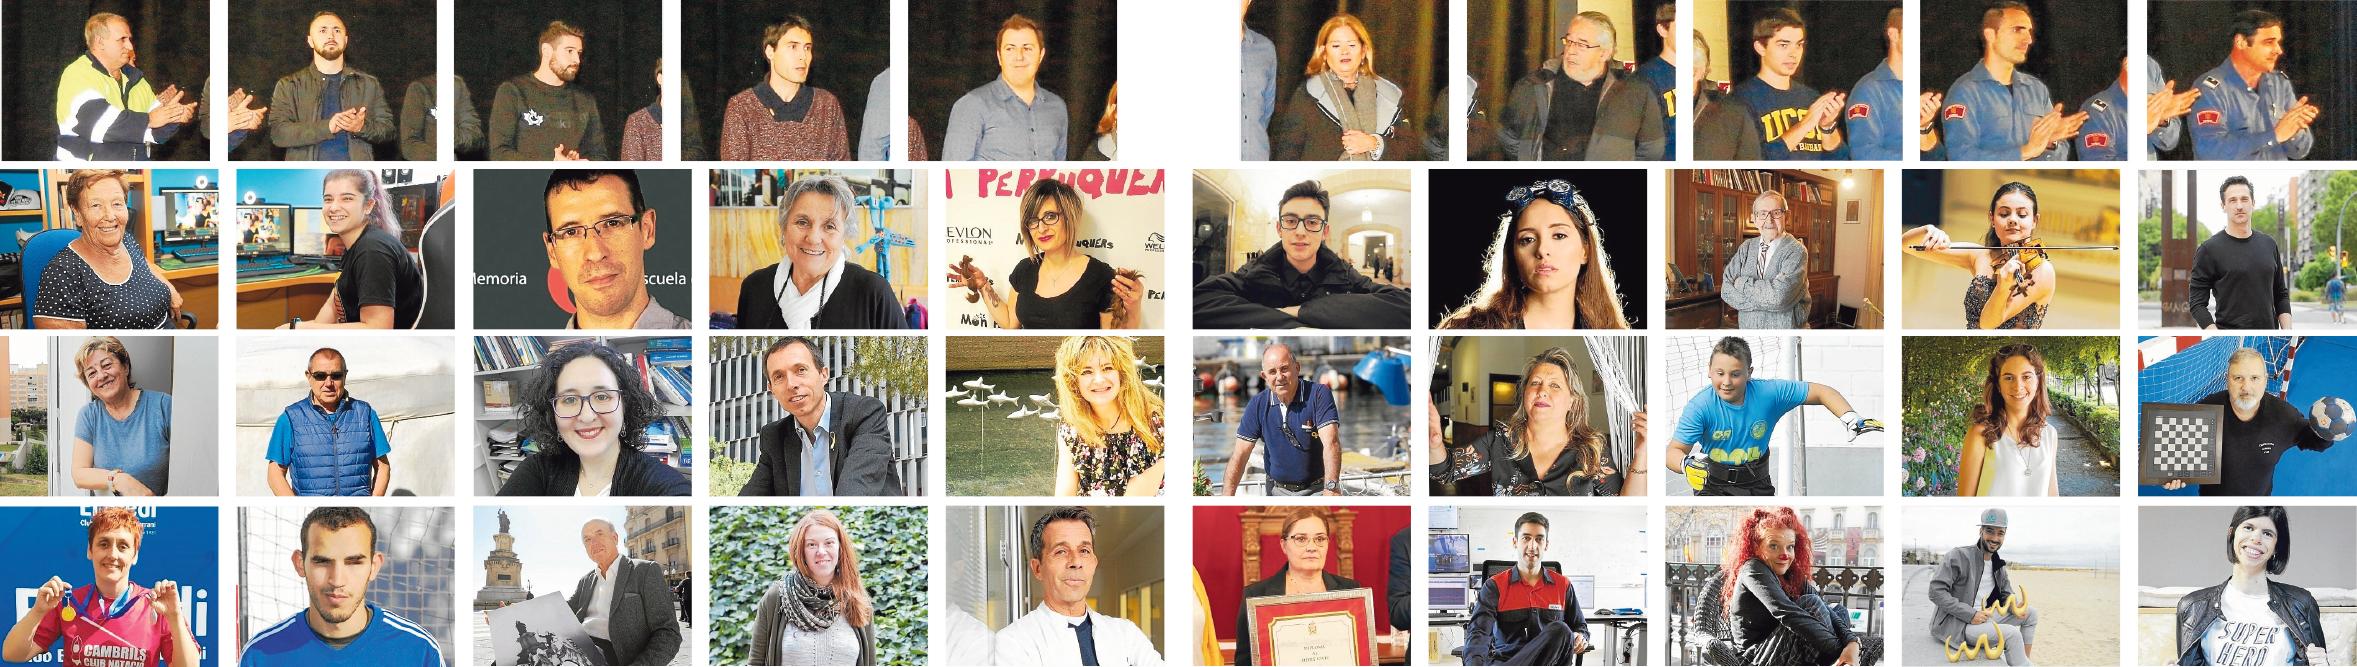 La Bona Gent de Tarragona